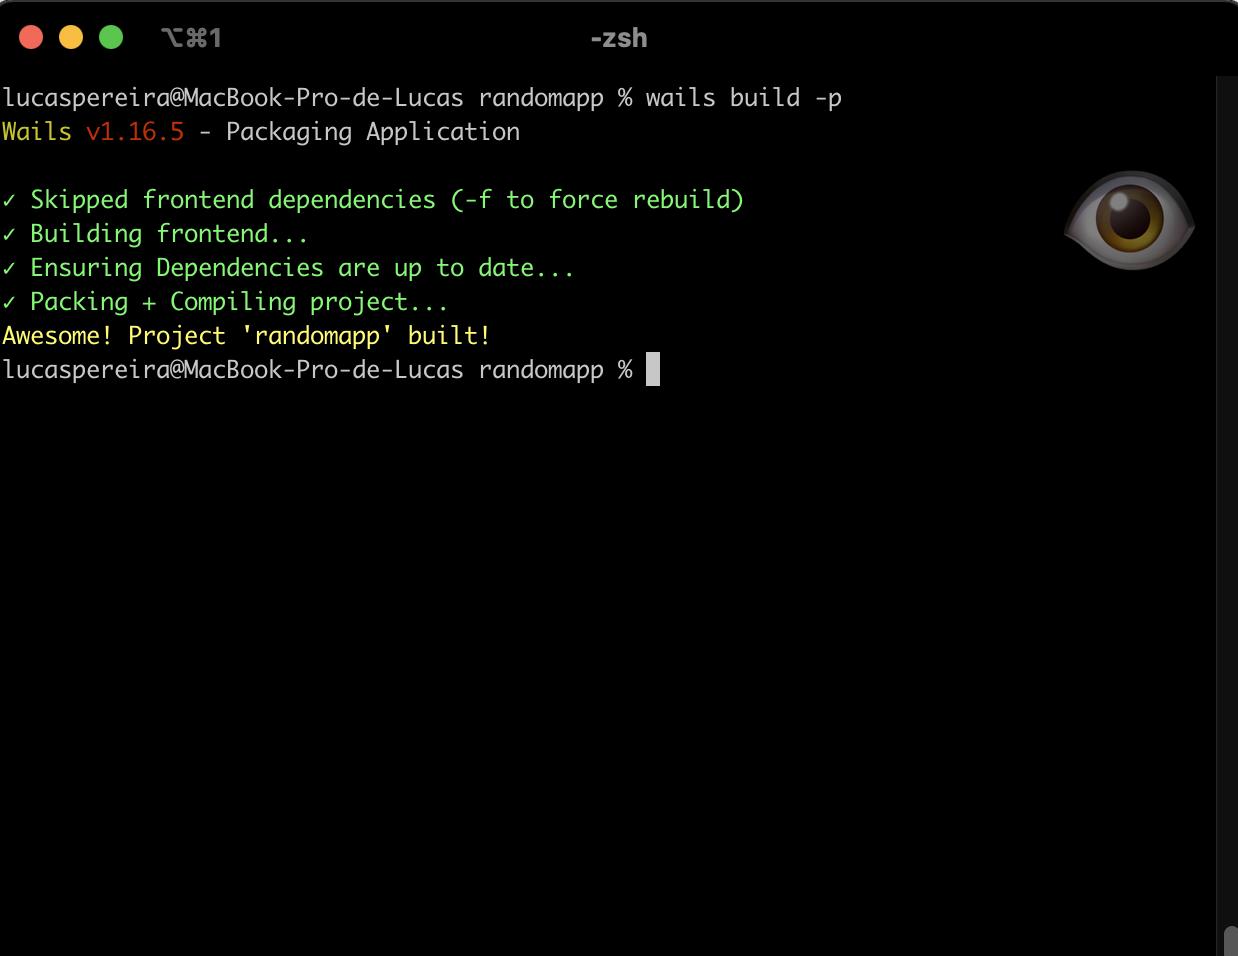 Screenshot 2021-08-10 at 20.05.05